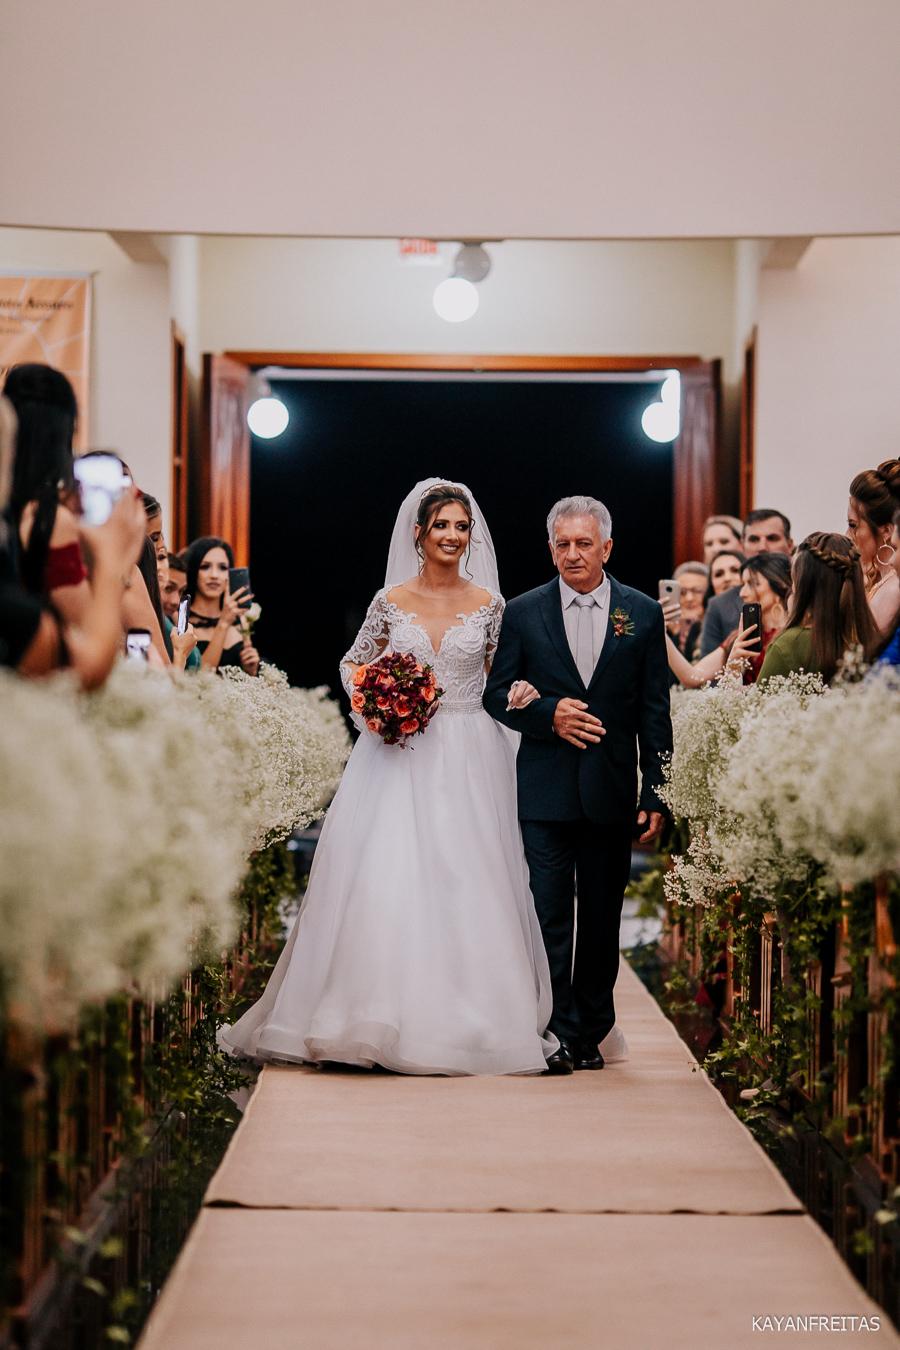 fotografo-casamento-santoamaro-daidiogo-0049 Casamento Daiara e Diogo - Santo Amaro da Imperatriz